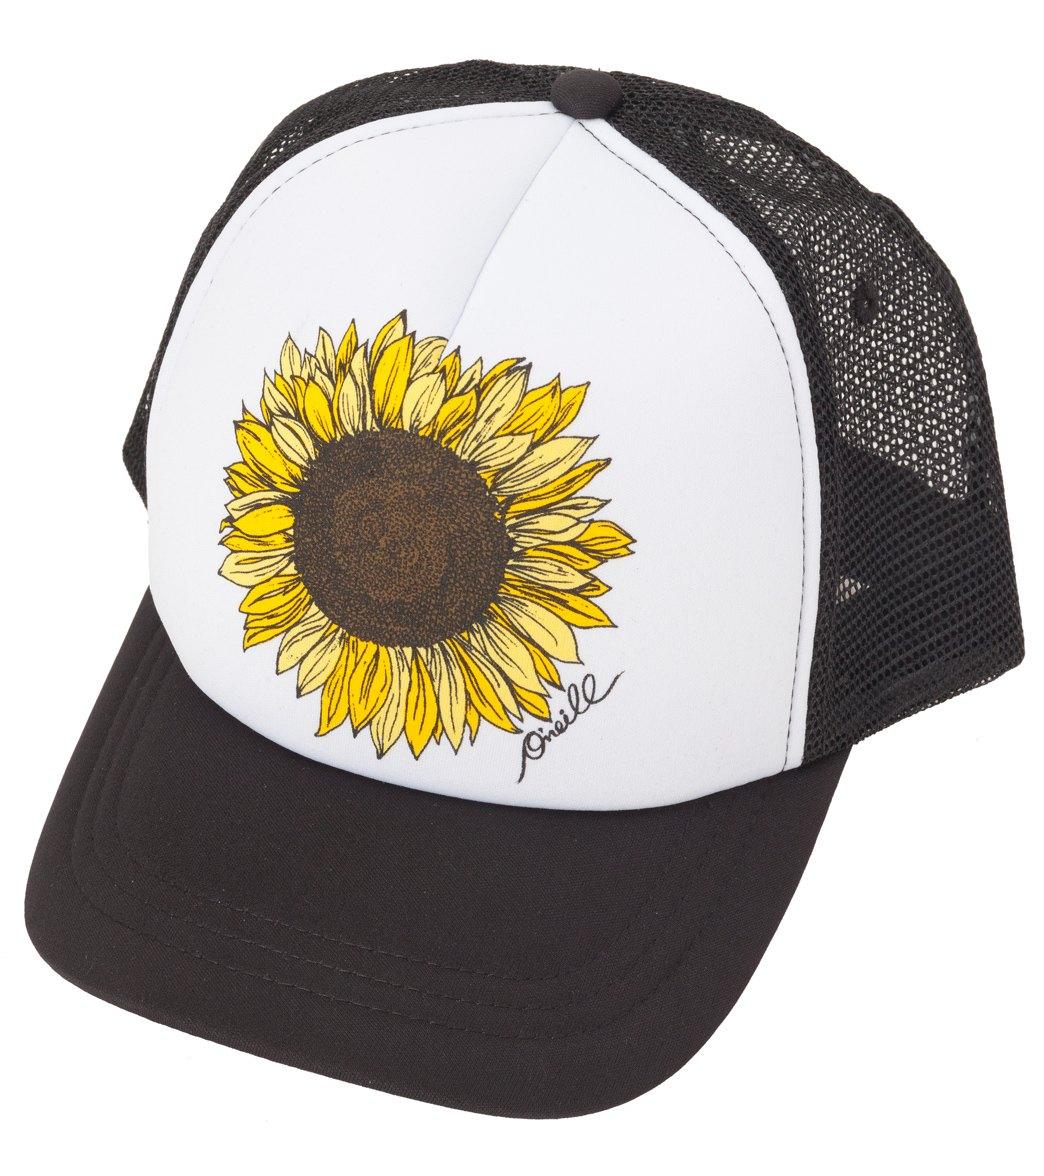 b5b4e4f88 O'Neill Blissful Sunflower Trucker Hat